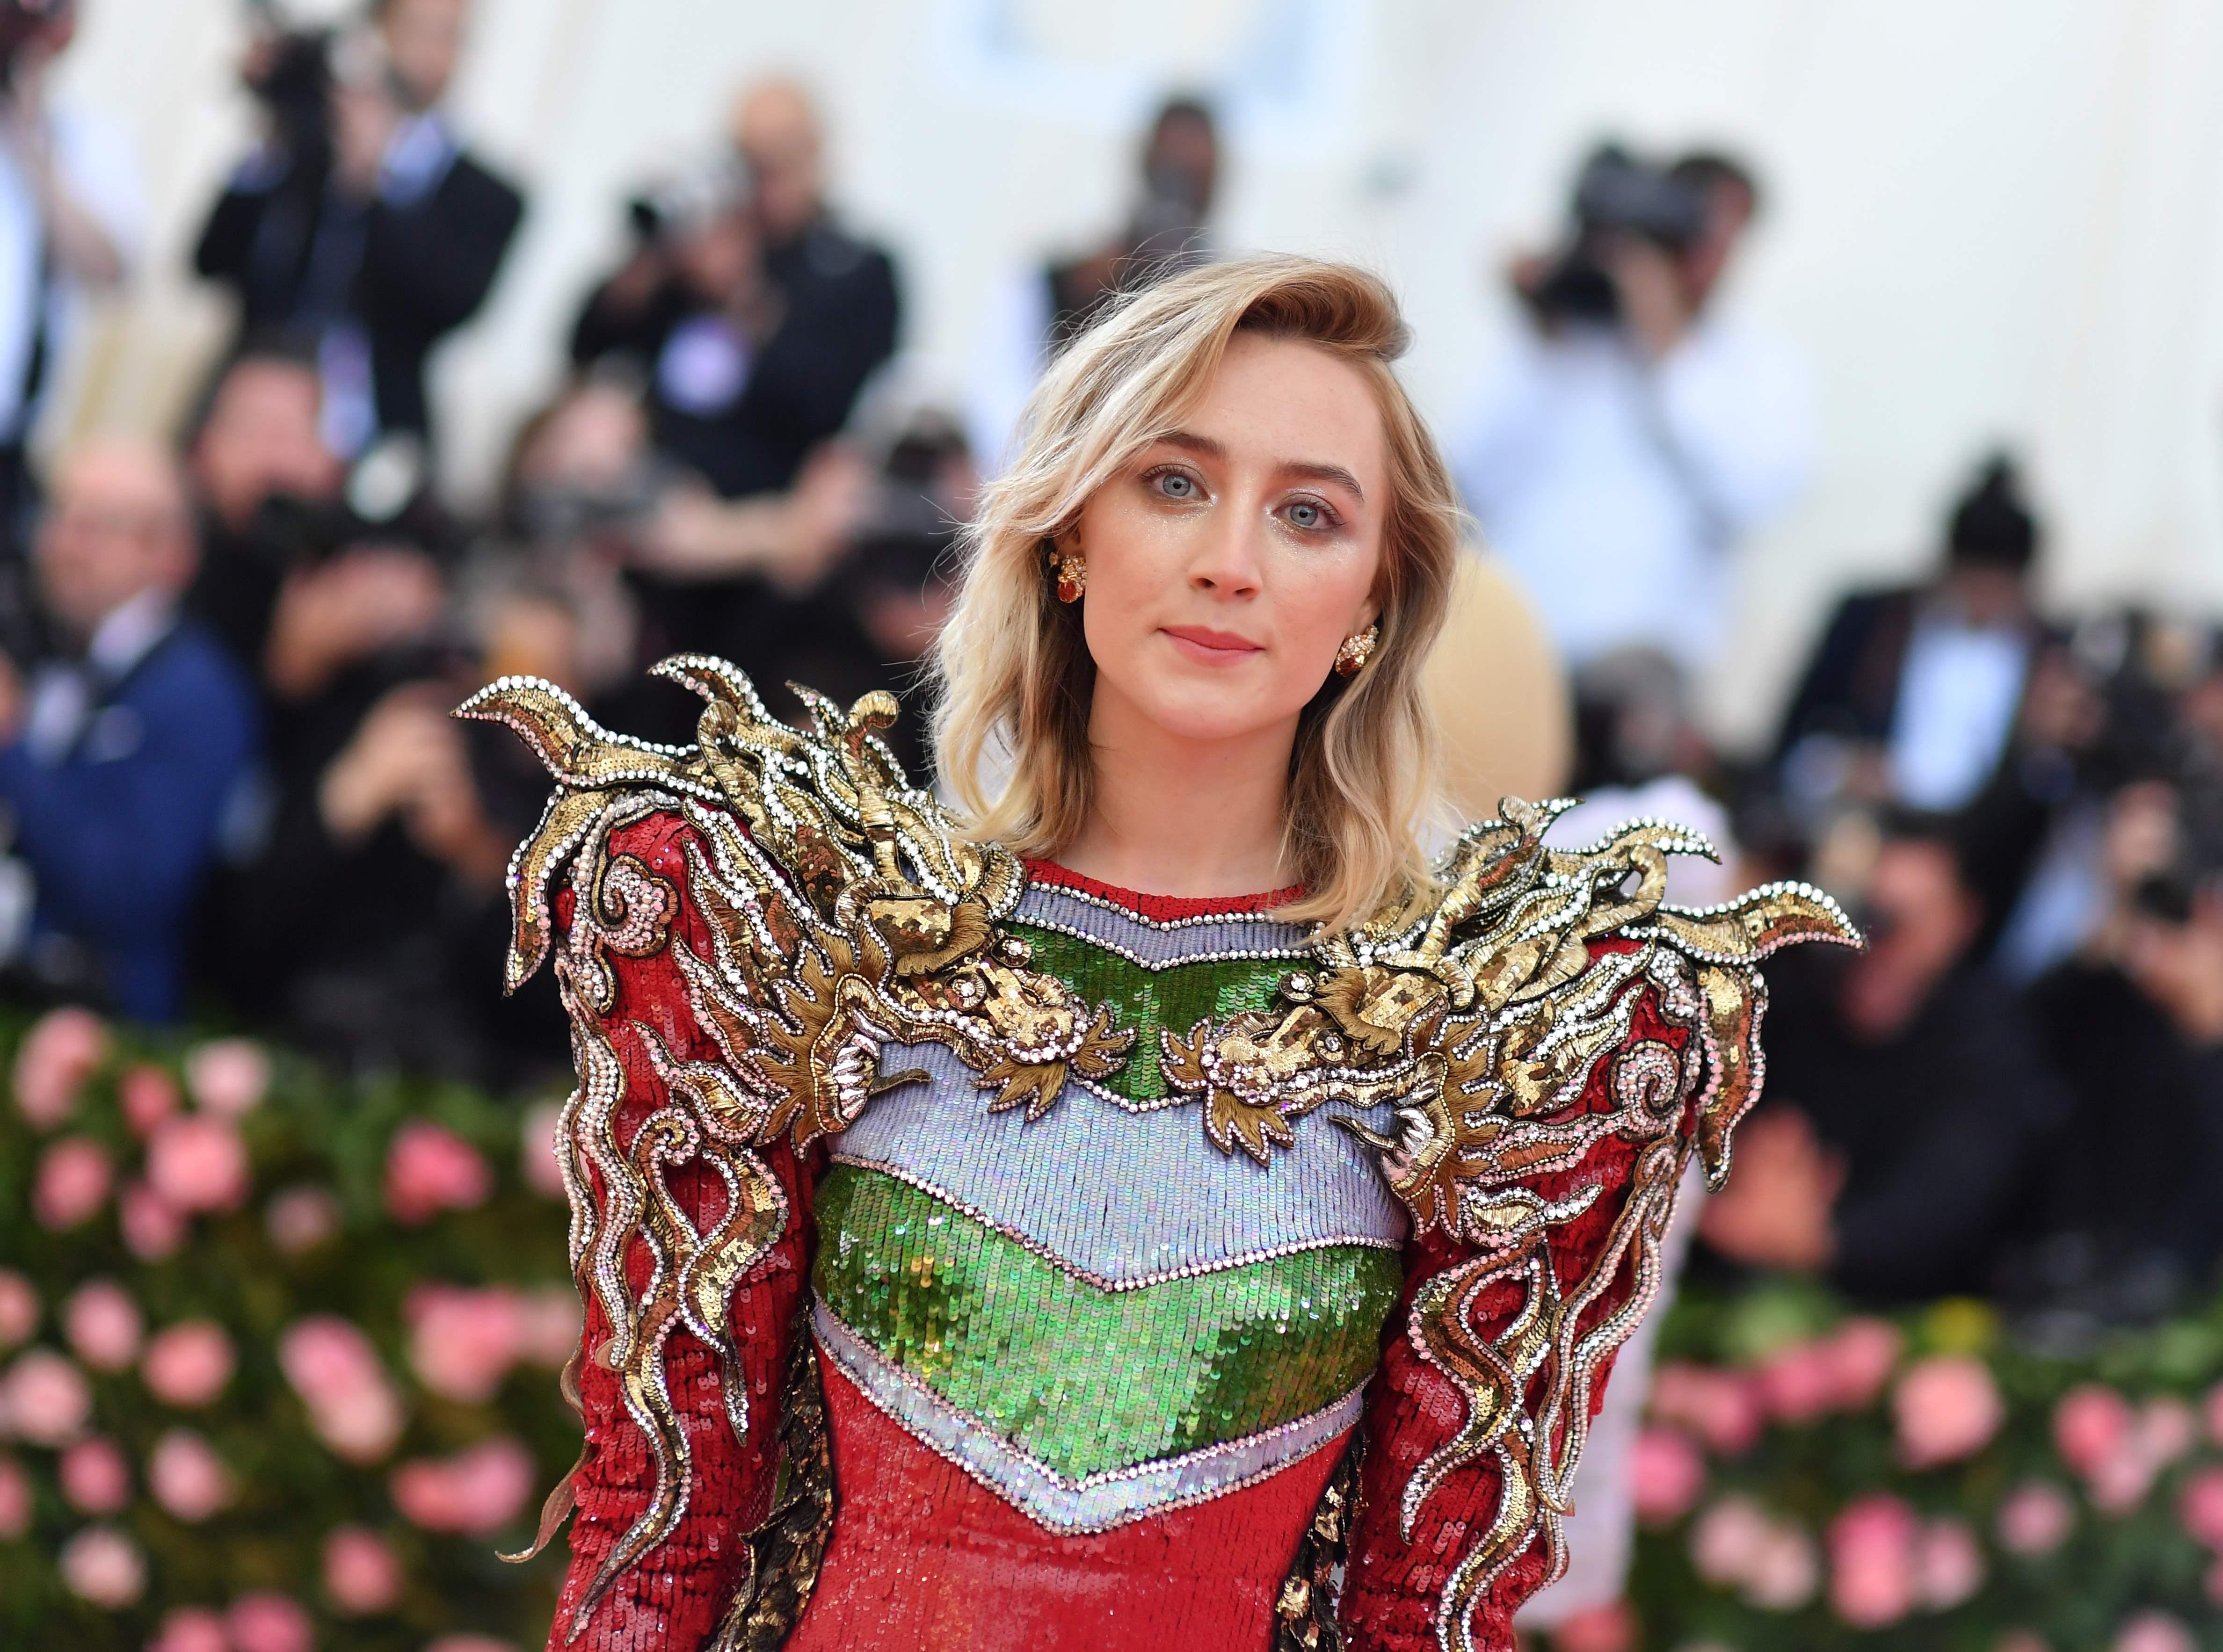 Saoirse Ronan wearing Gucci.